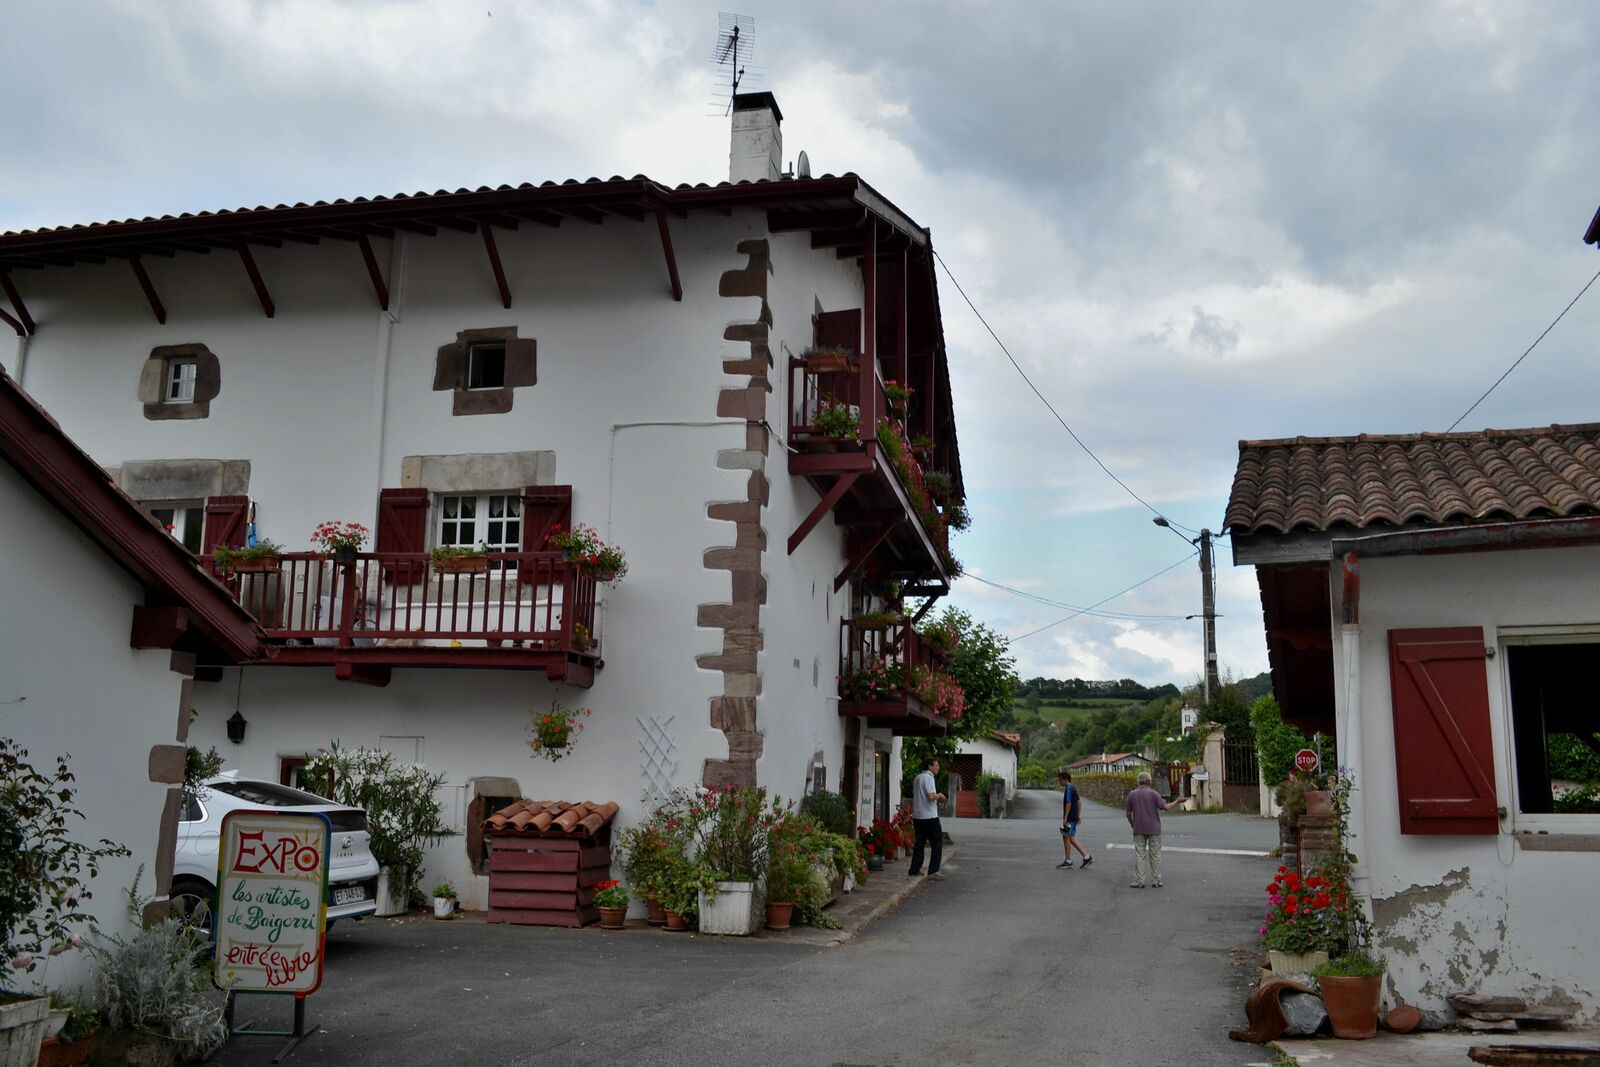 Saint-Etienne-de-Baïgorry, charmant bourg ancien de l'arrière-pays Basque!